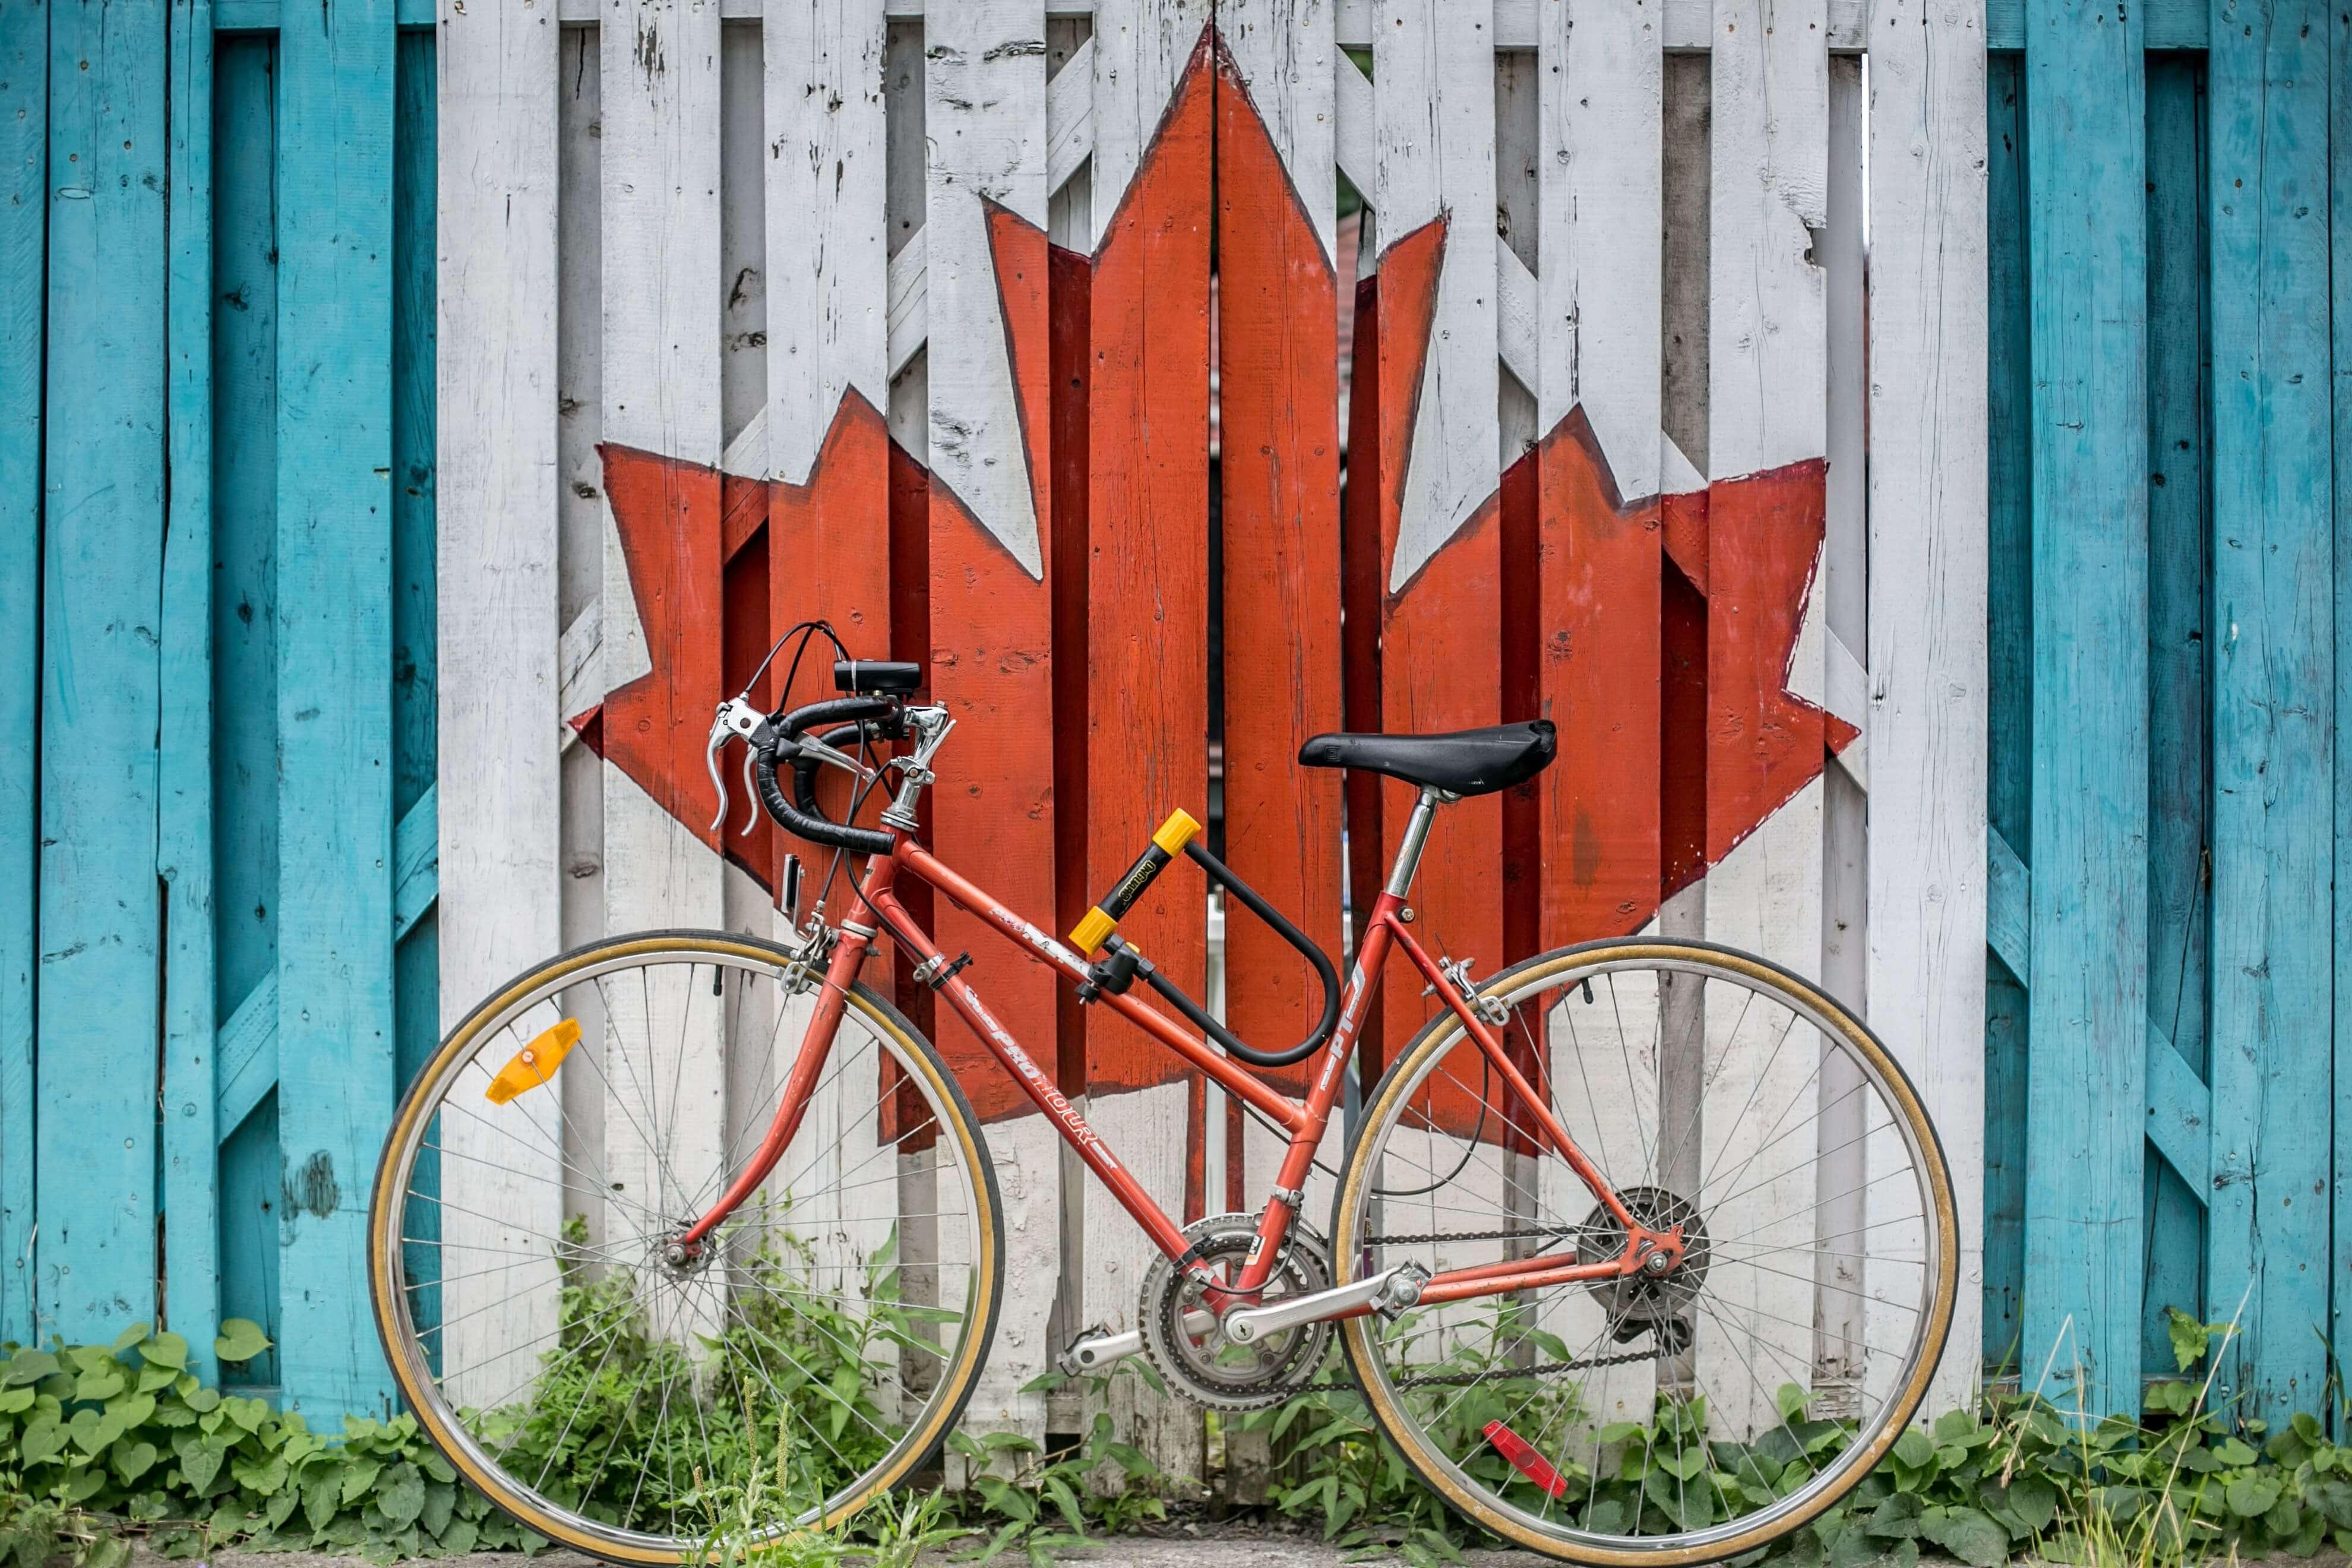 bicicleta em frente à pintura da bandeira canadense